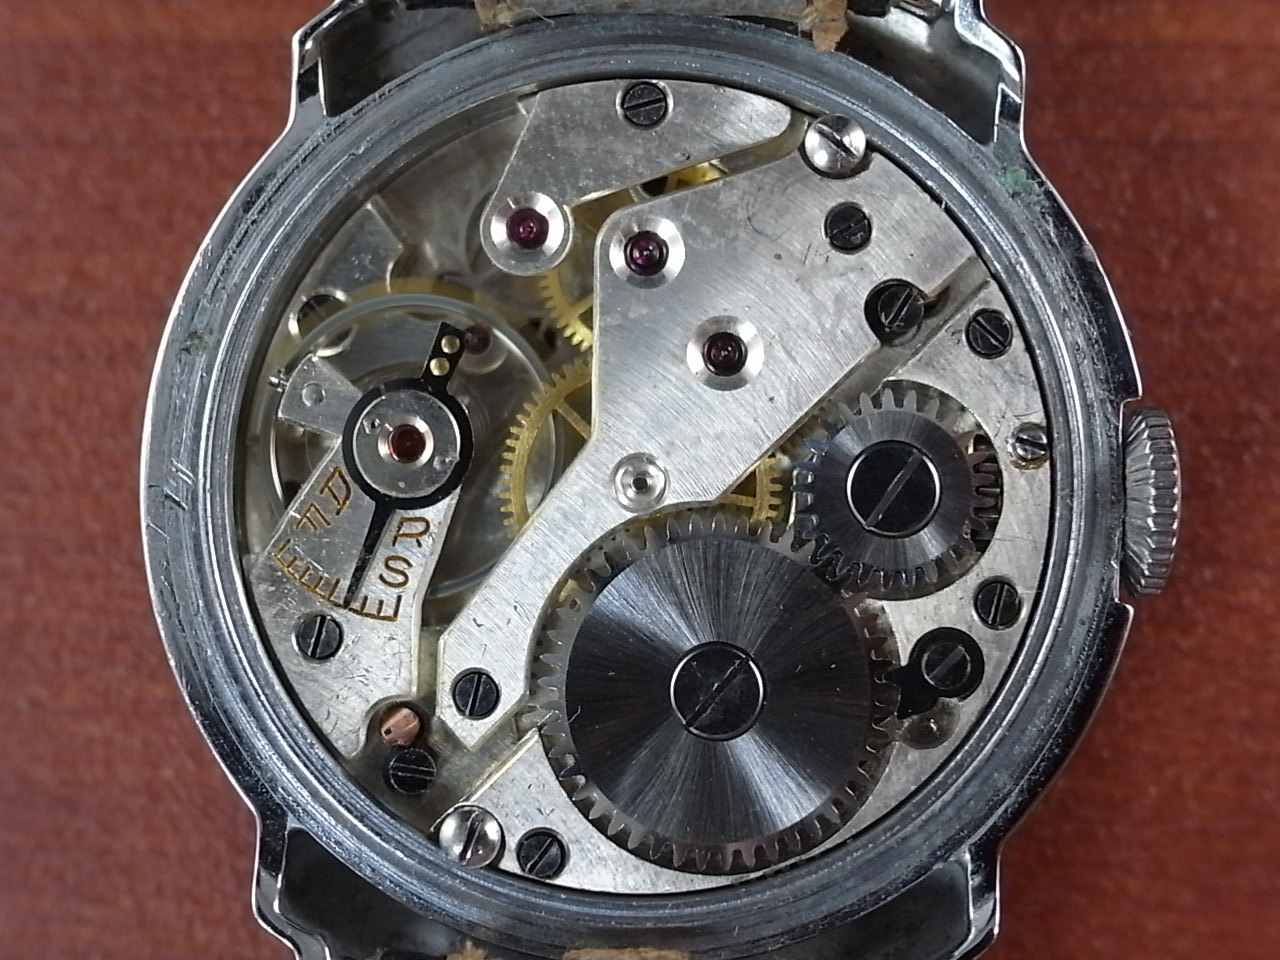 カーノ アールデコ ブラックミラーダイアル N.O.S. ドイツ時計 1930年代の写真5枚目